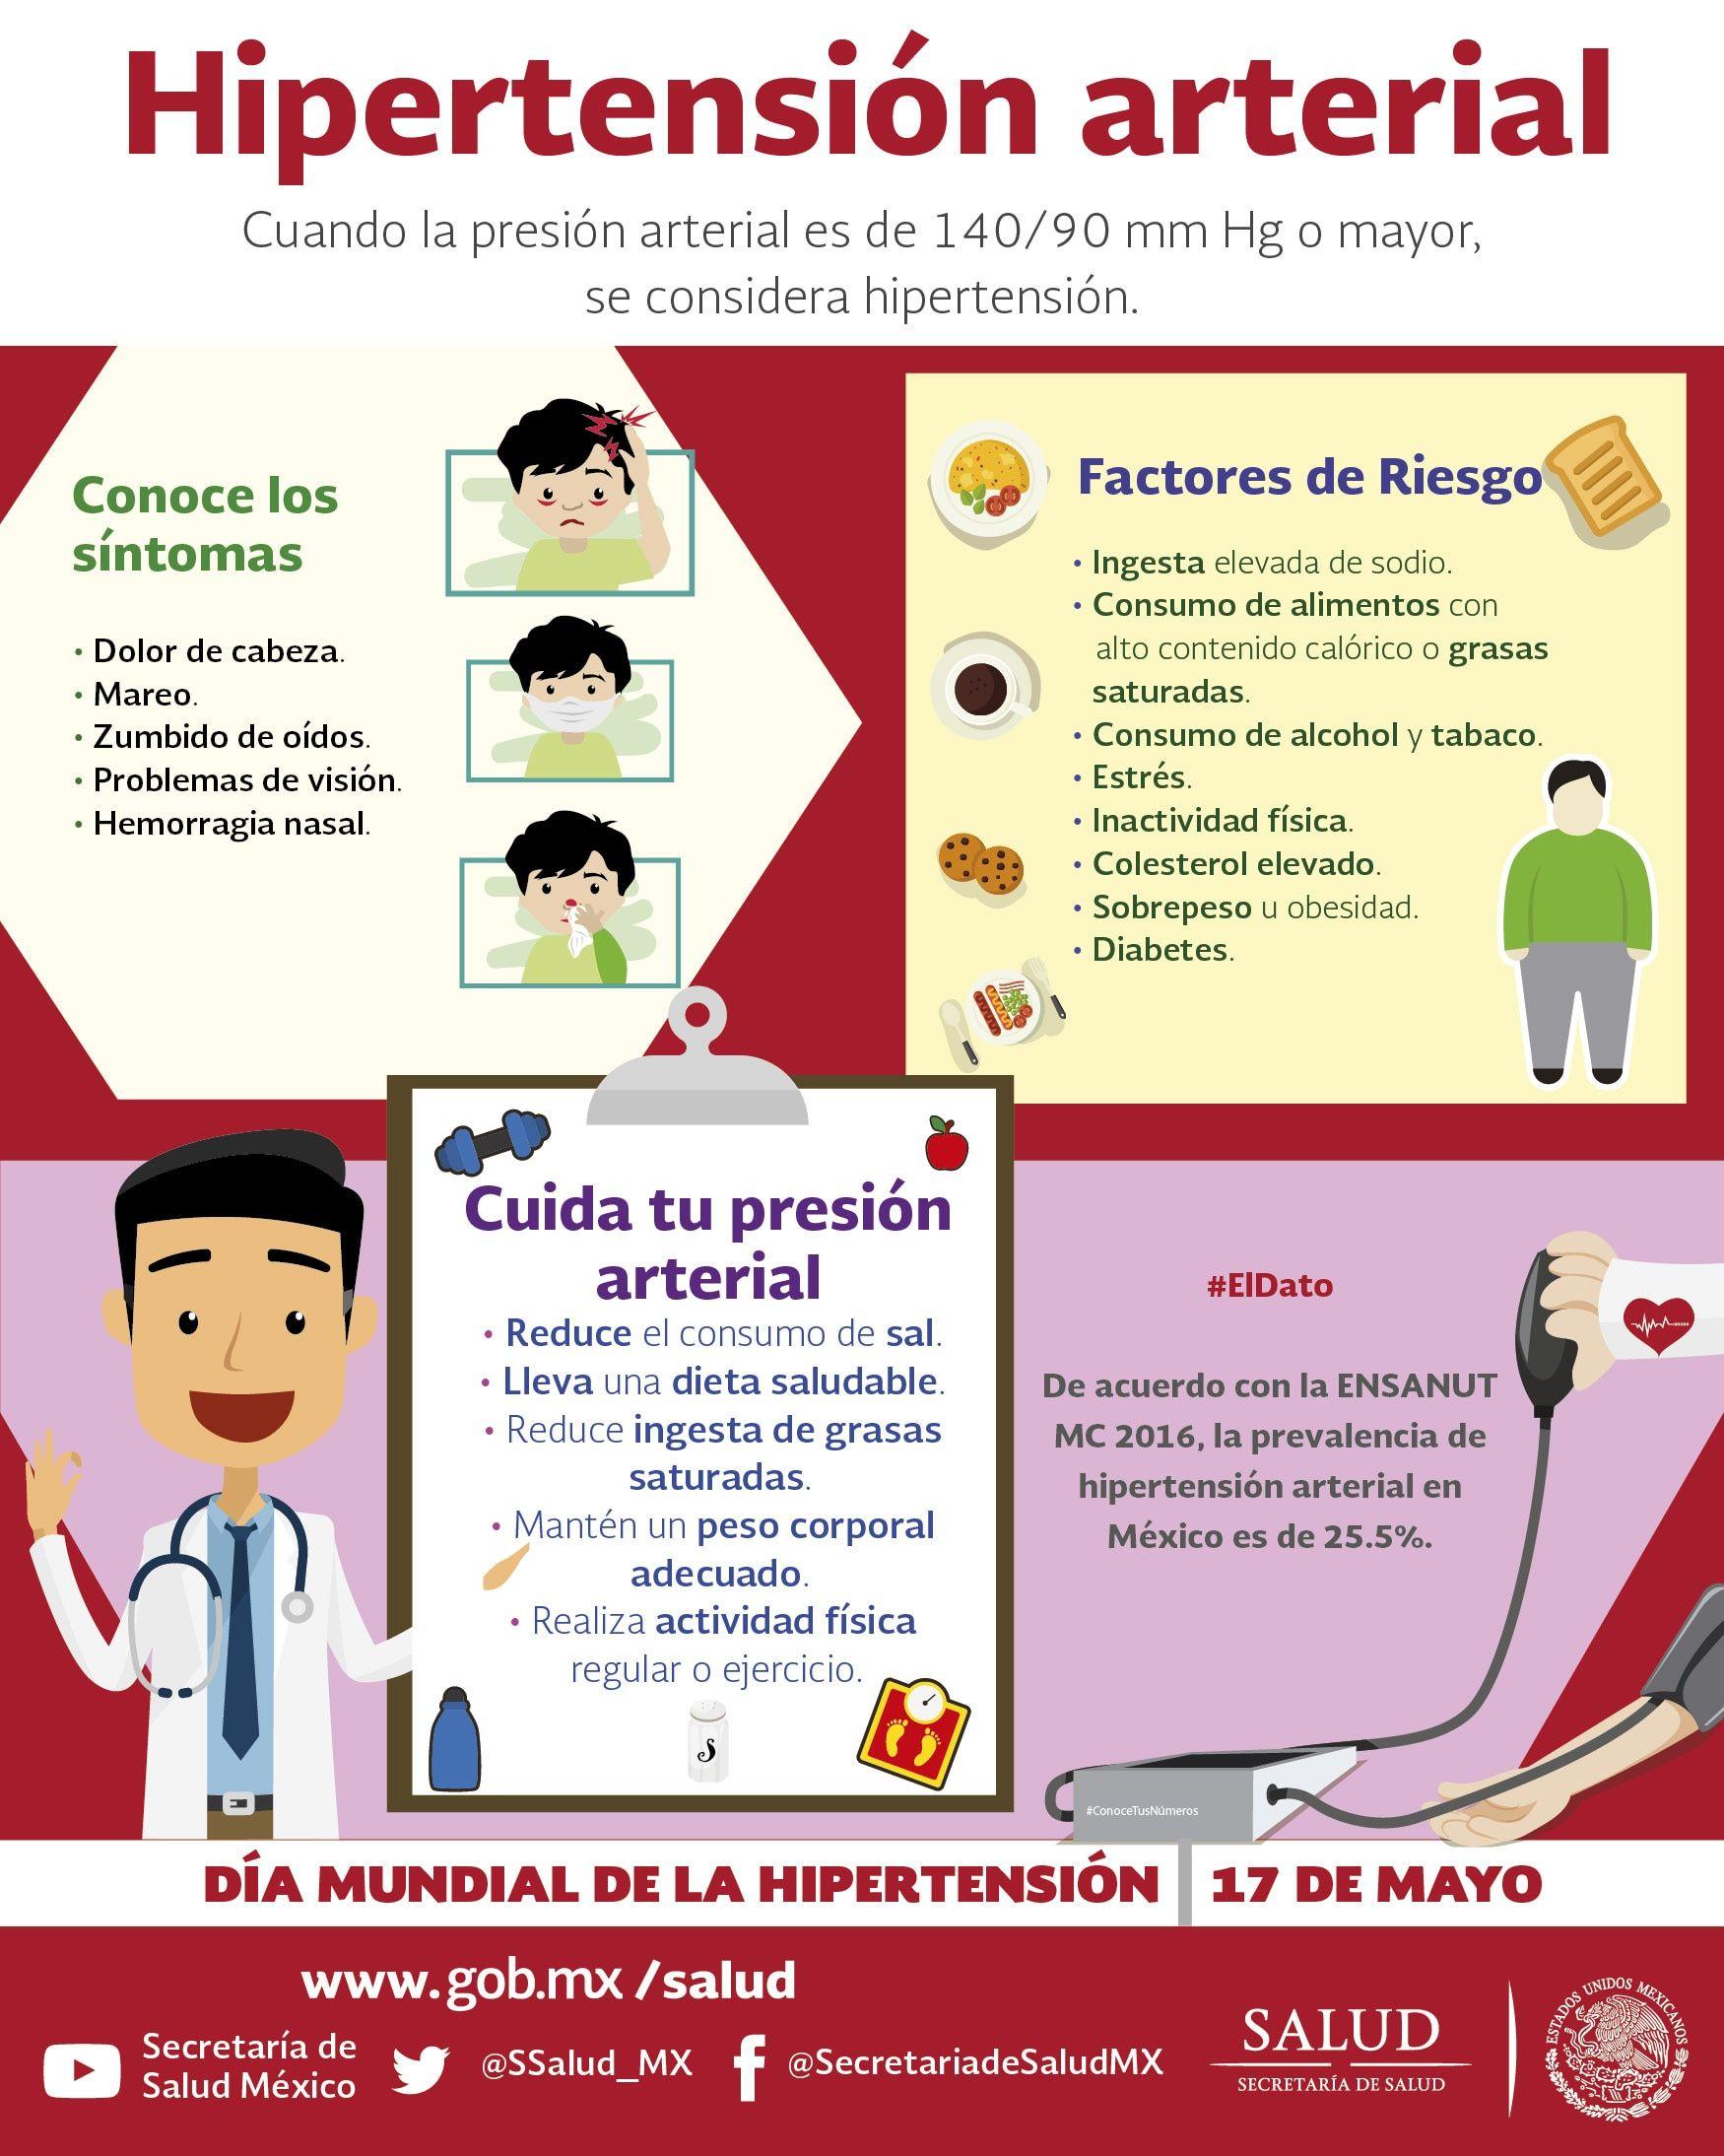 Tú Puedes Hacer Mucho Para Prevenir La Hipertensión Secretaría De Salud Gobierno Gob Mx Cosas De Enfermeria Datos De Salud Consejos Para La Salud